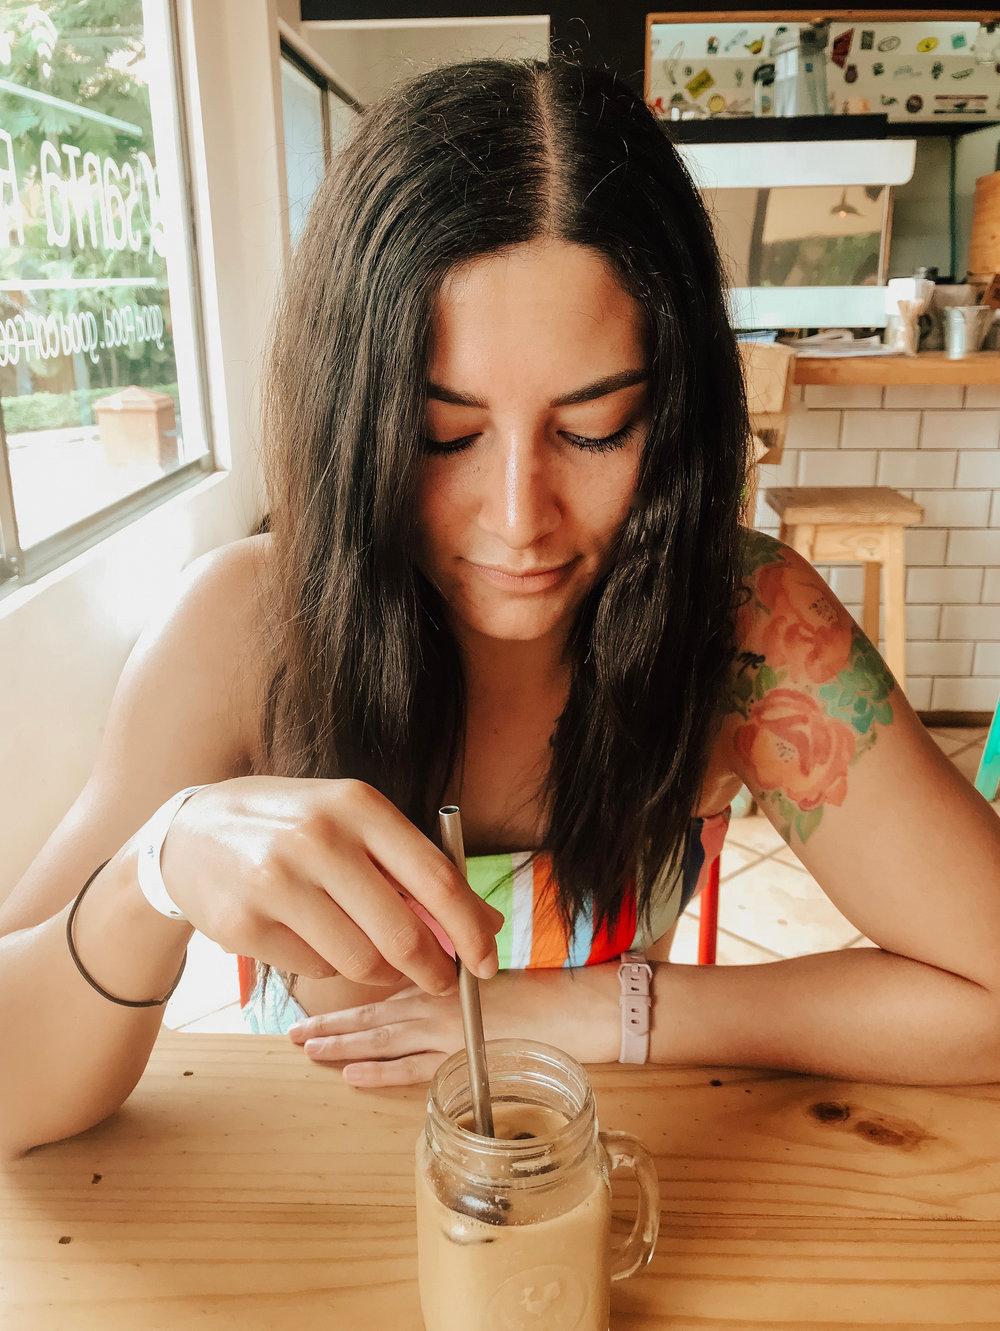 more coffee, duh  -Santa Clarita Cafe